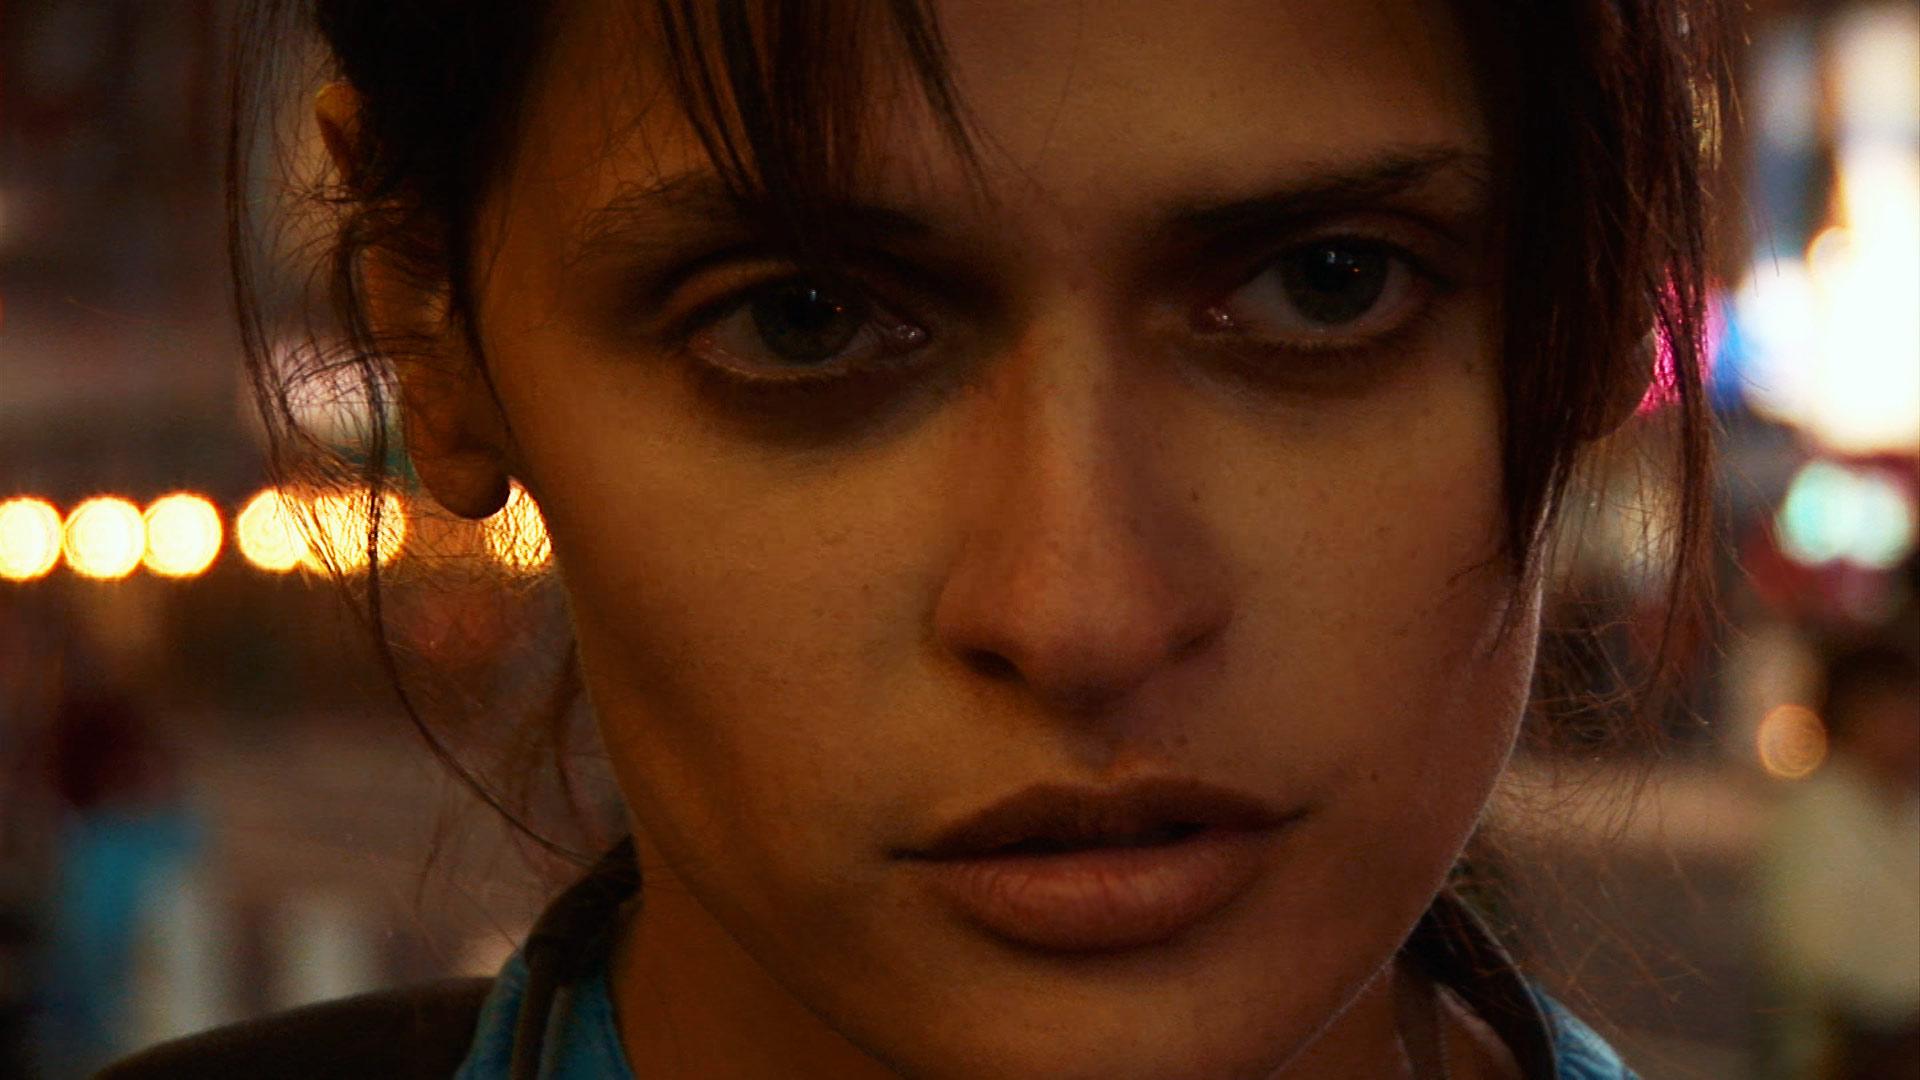 Luisa Williams